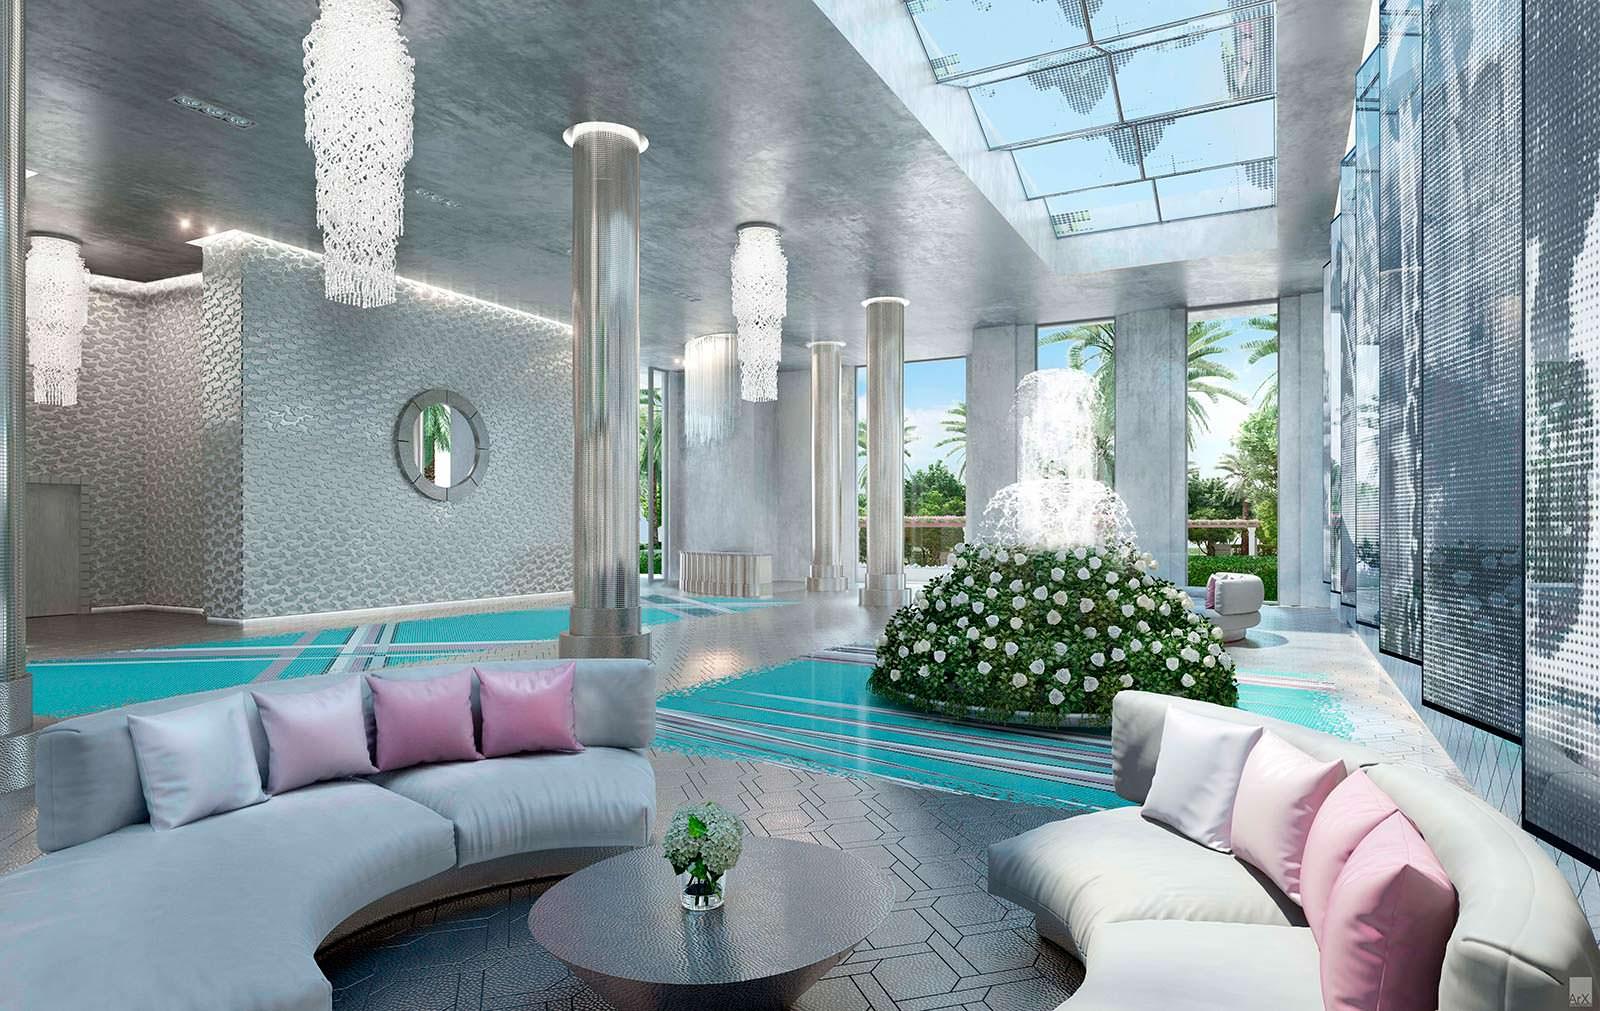 The Estates At Acqualina в Майами. Дизайн Карл Лагерфельд